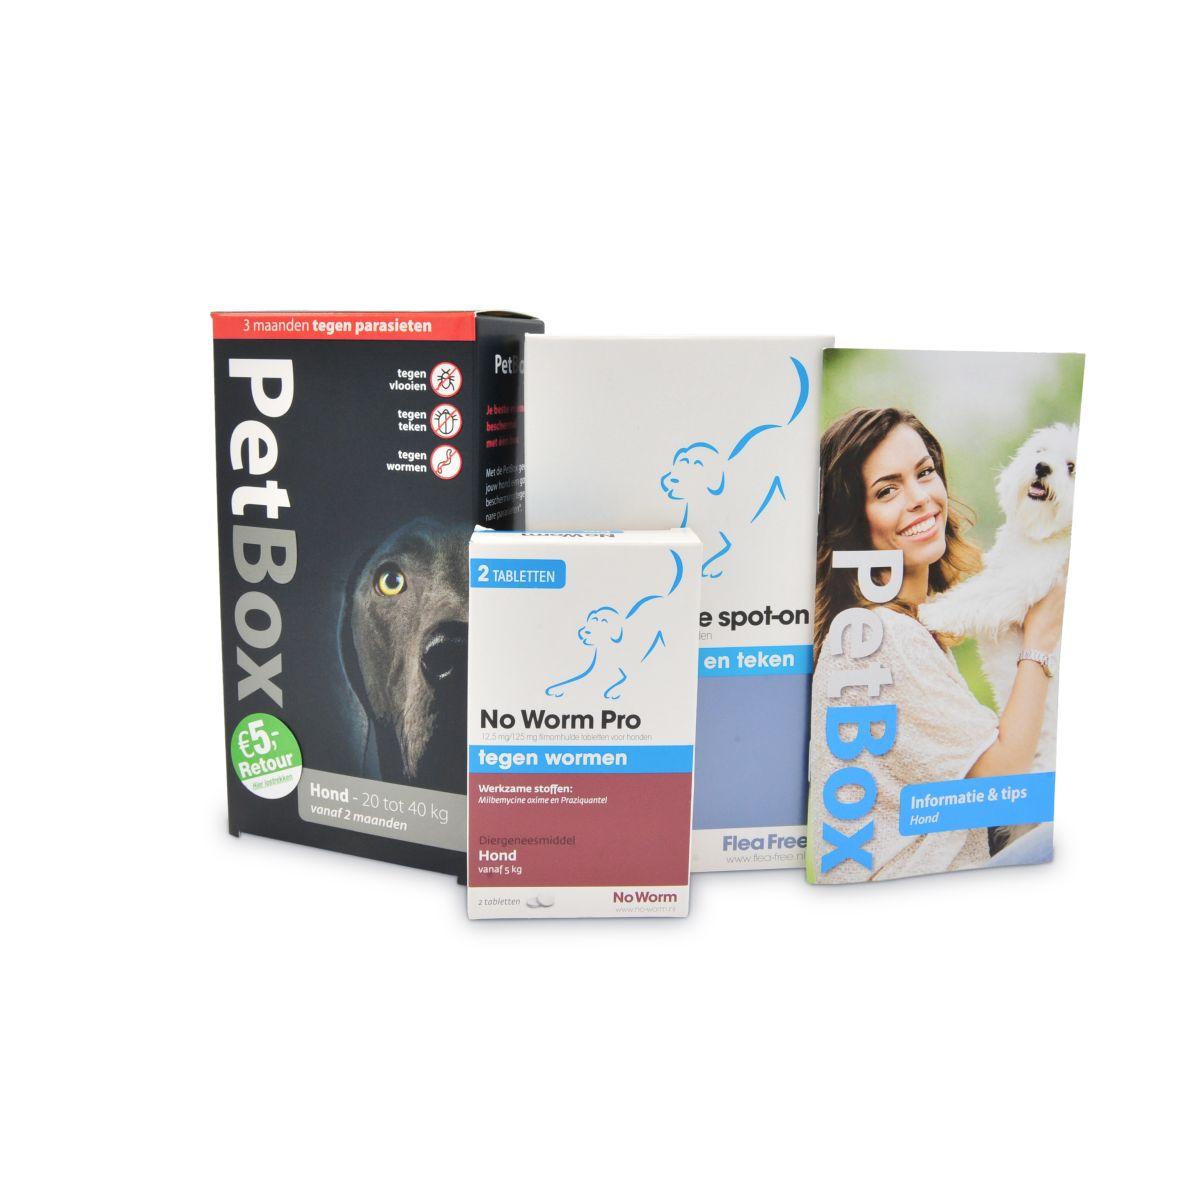 PETBOX HOND 20 - 40KG N 00001